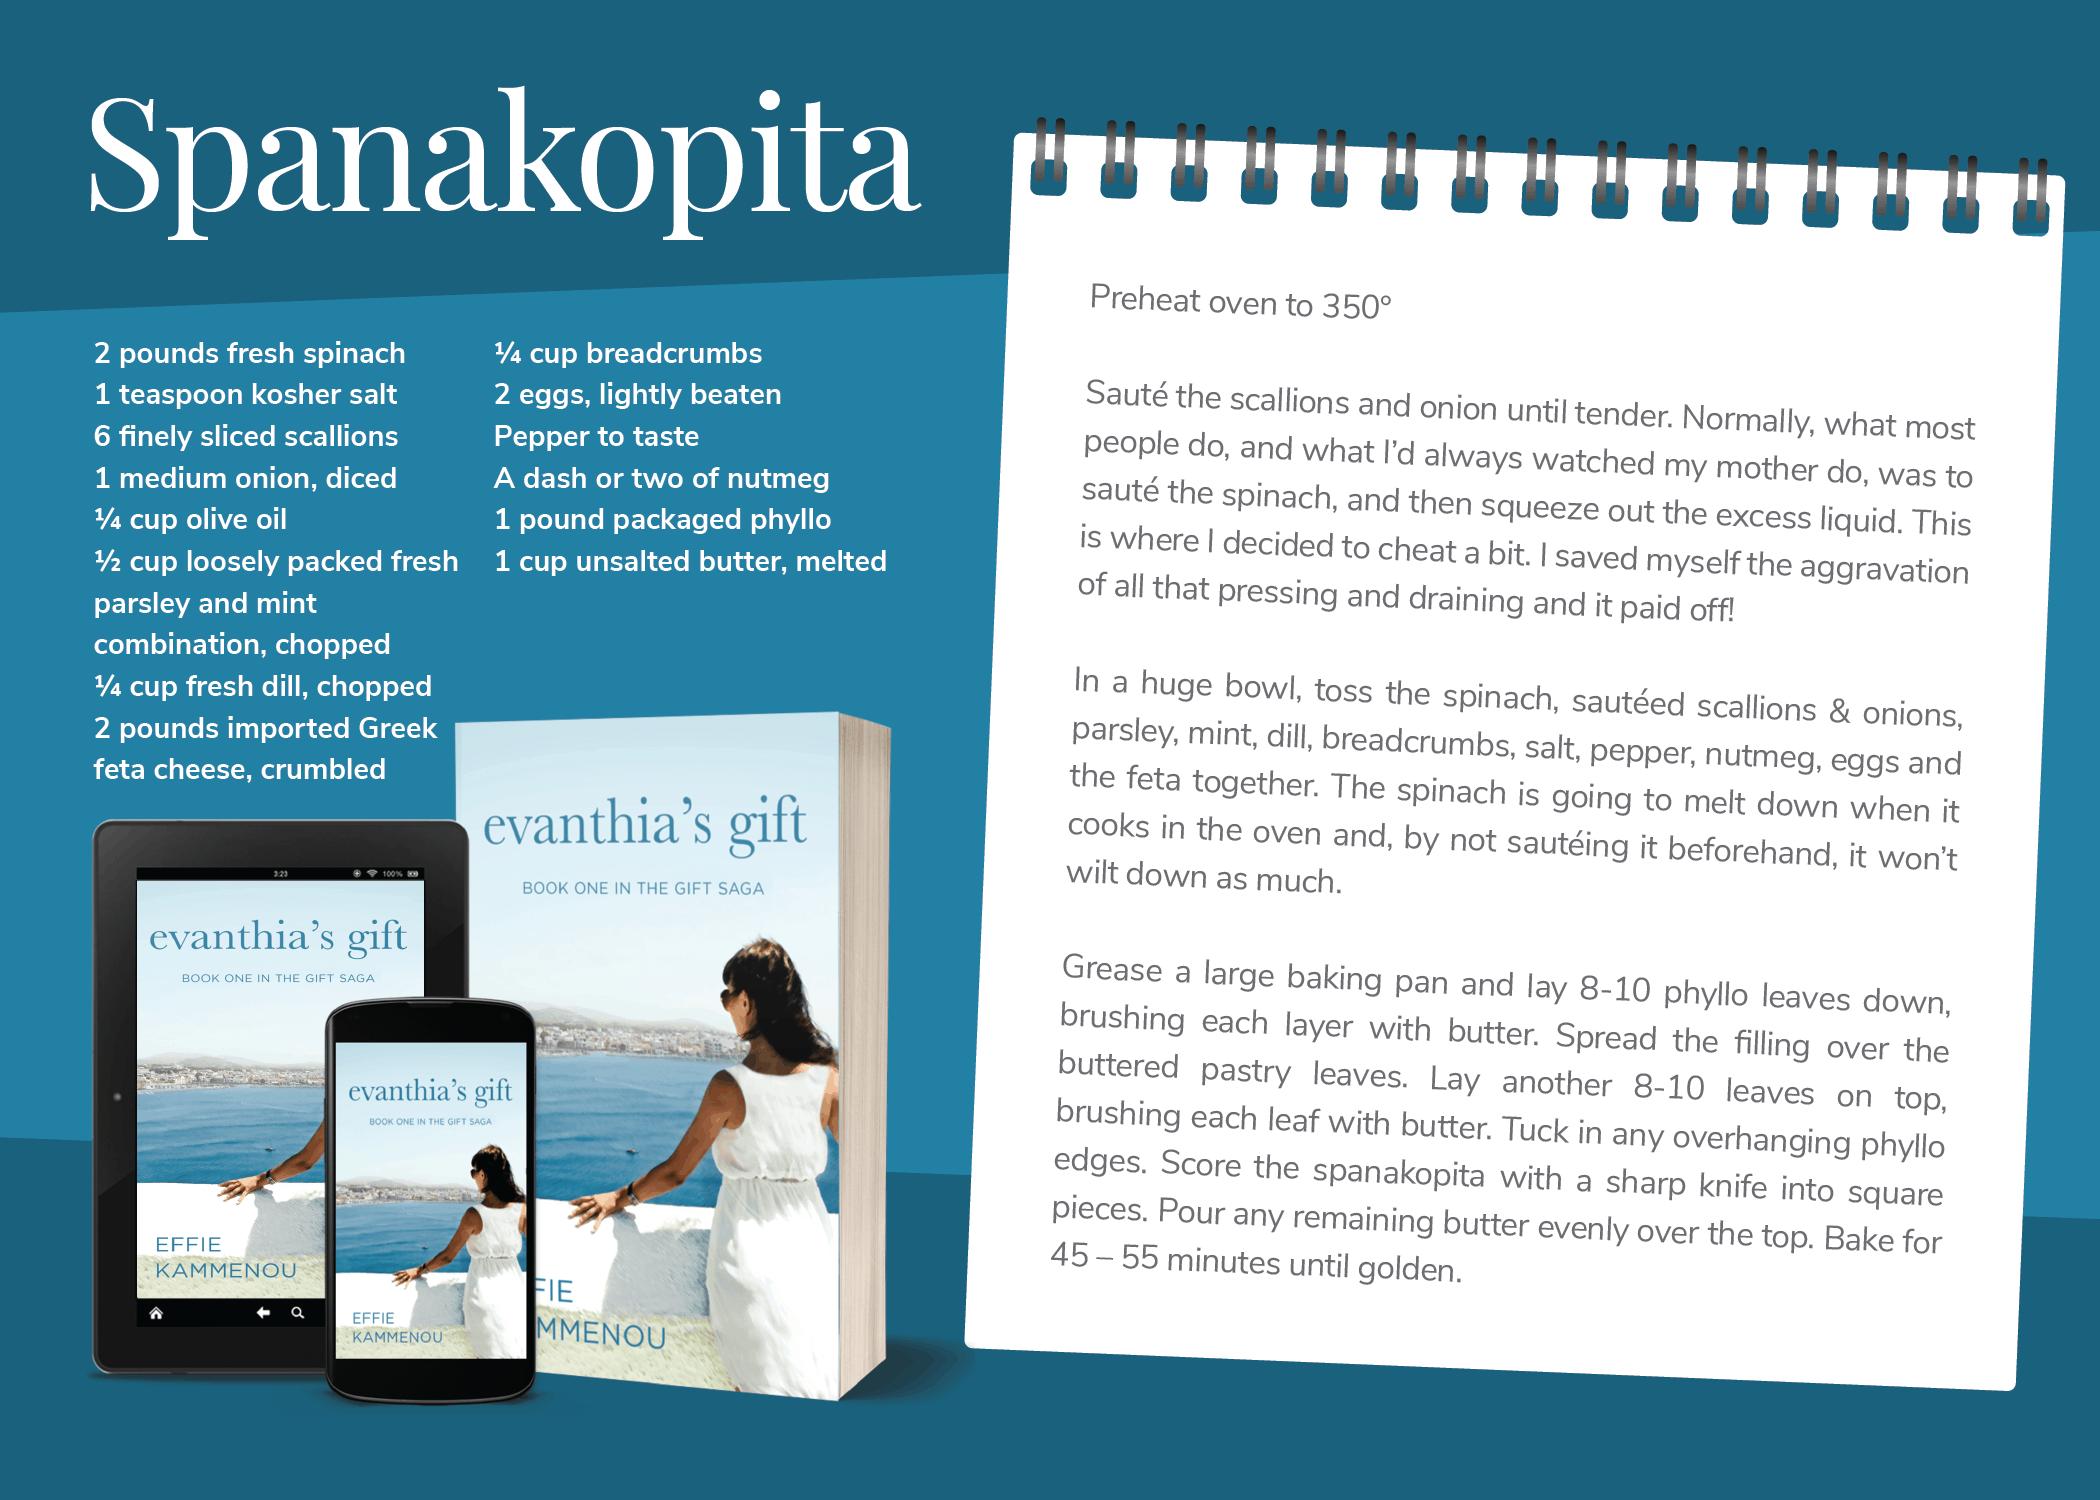 Evanthia's Gift - Spanakopita